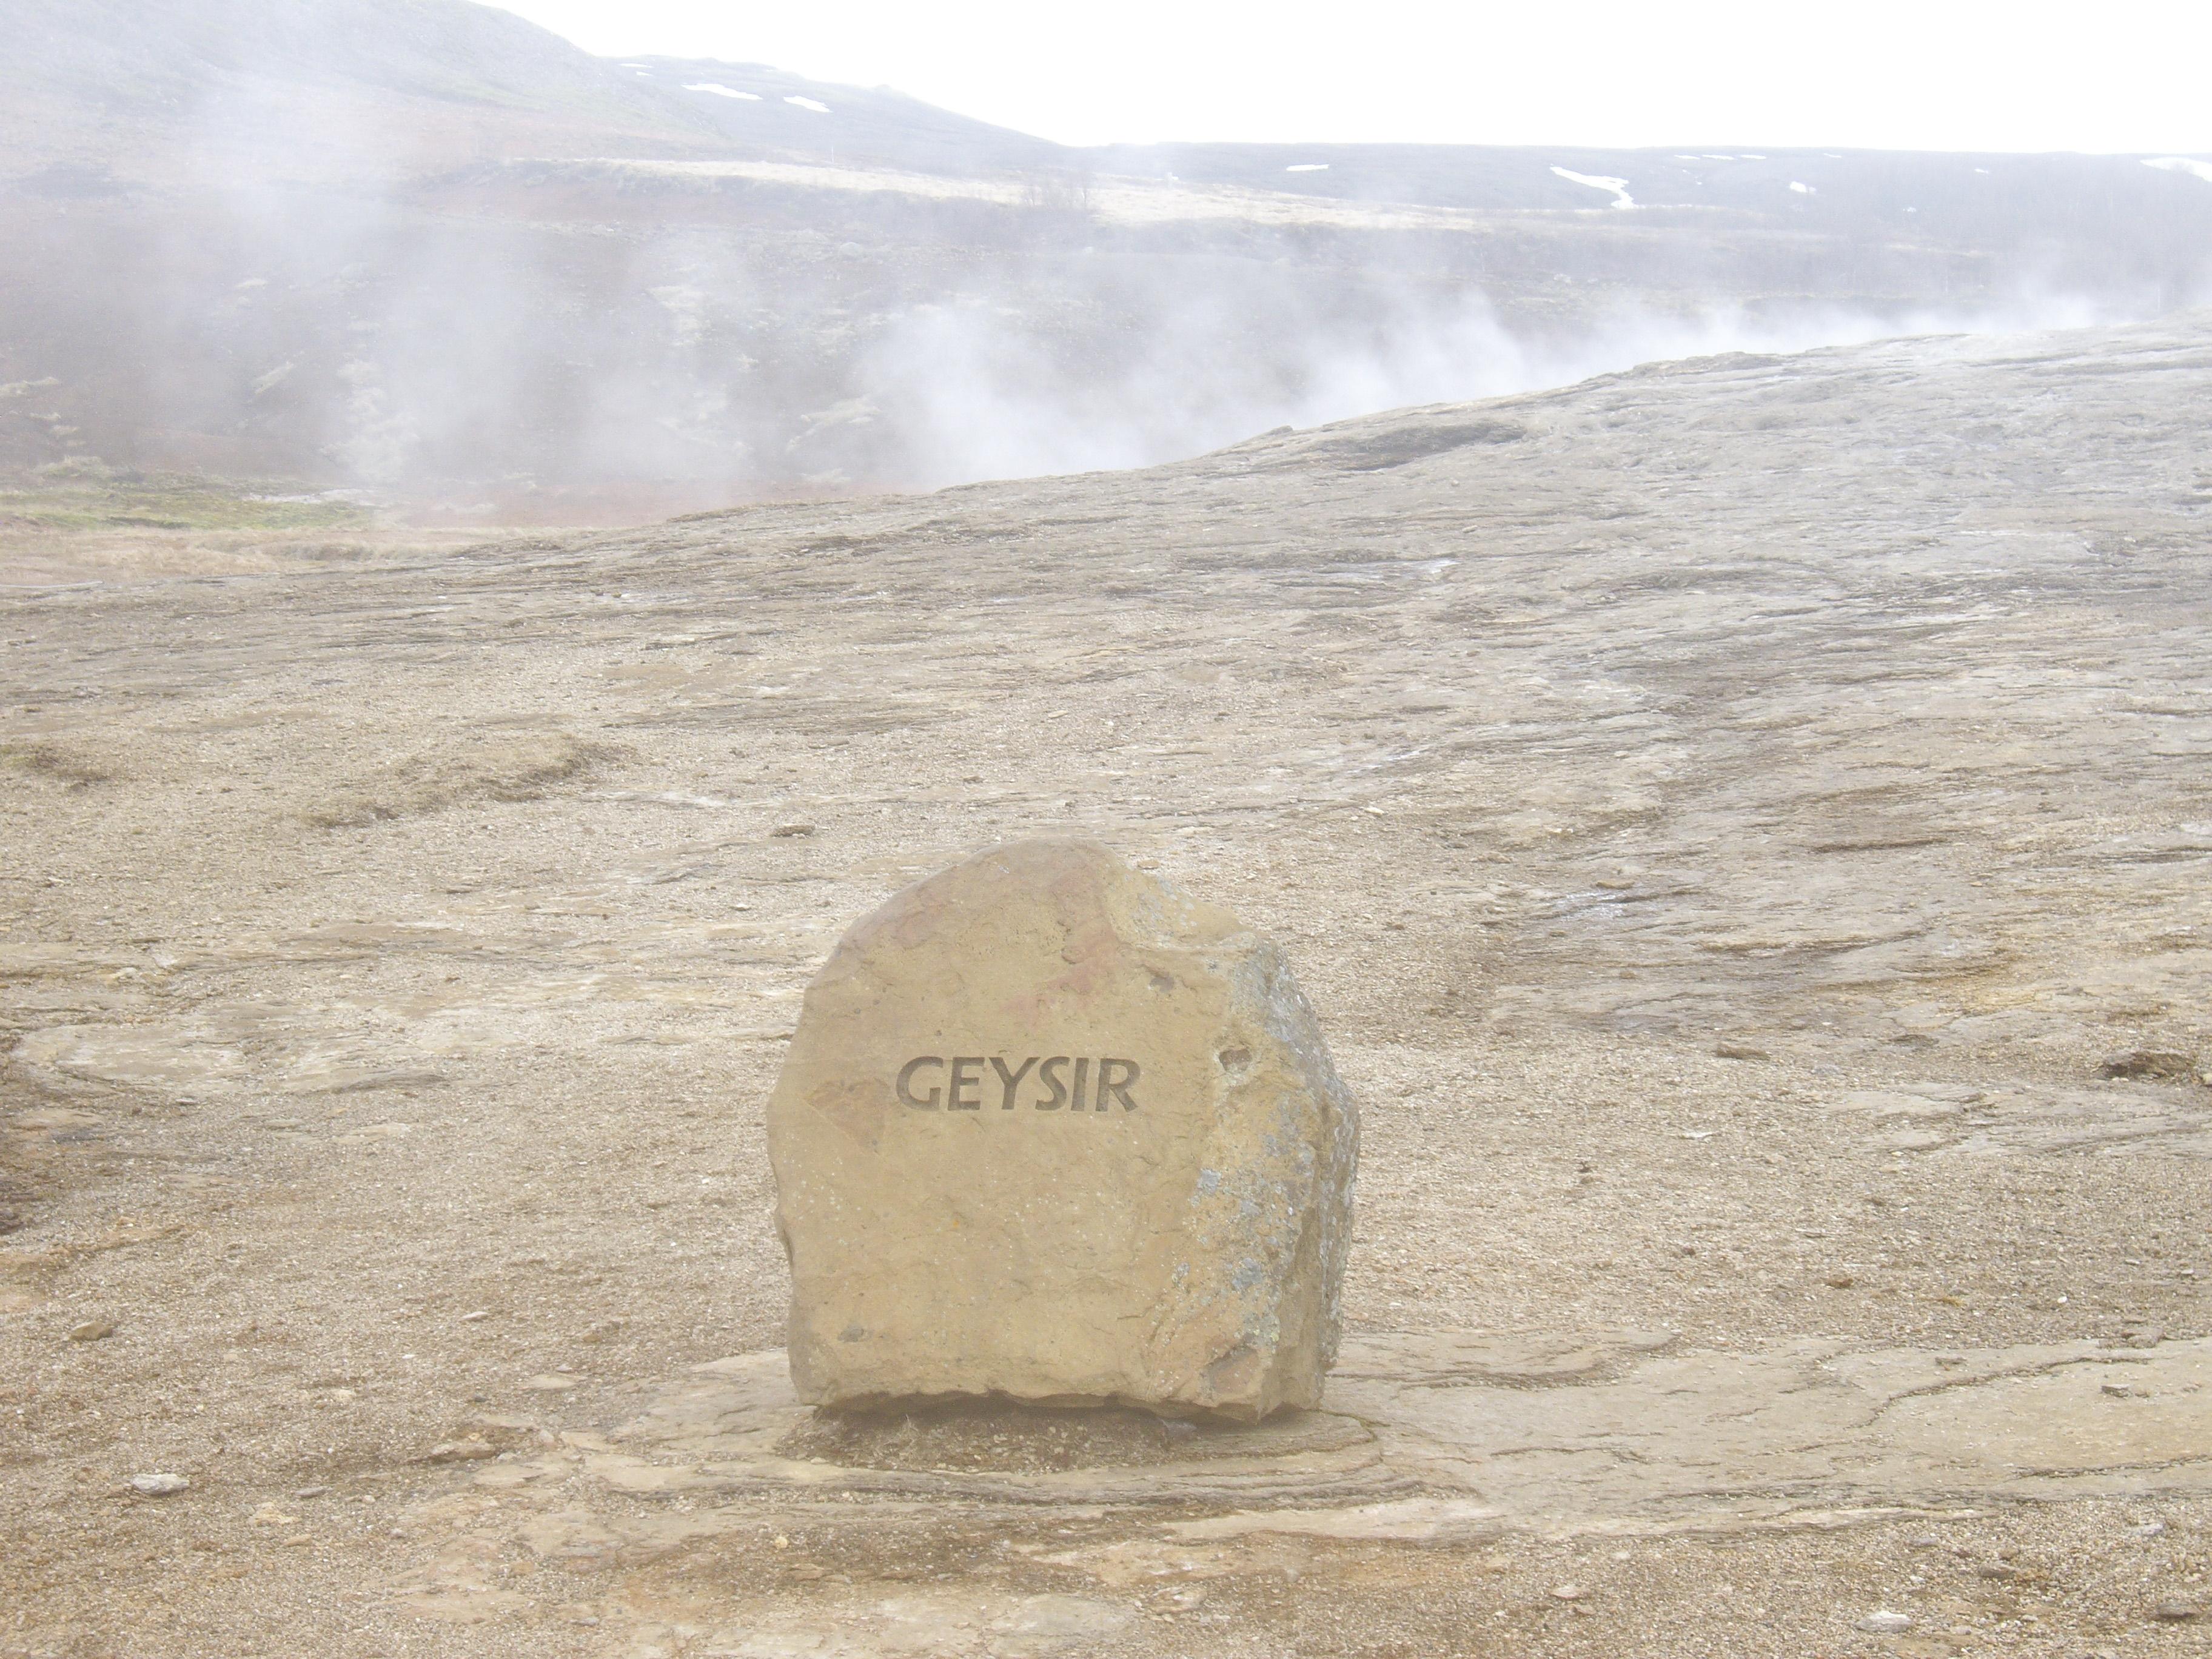 REYKJAVIK - ISLANDE visiter le sud de l'Islande - Go with the Blog IMGP0311_Geysir